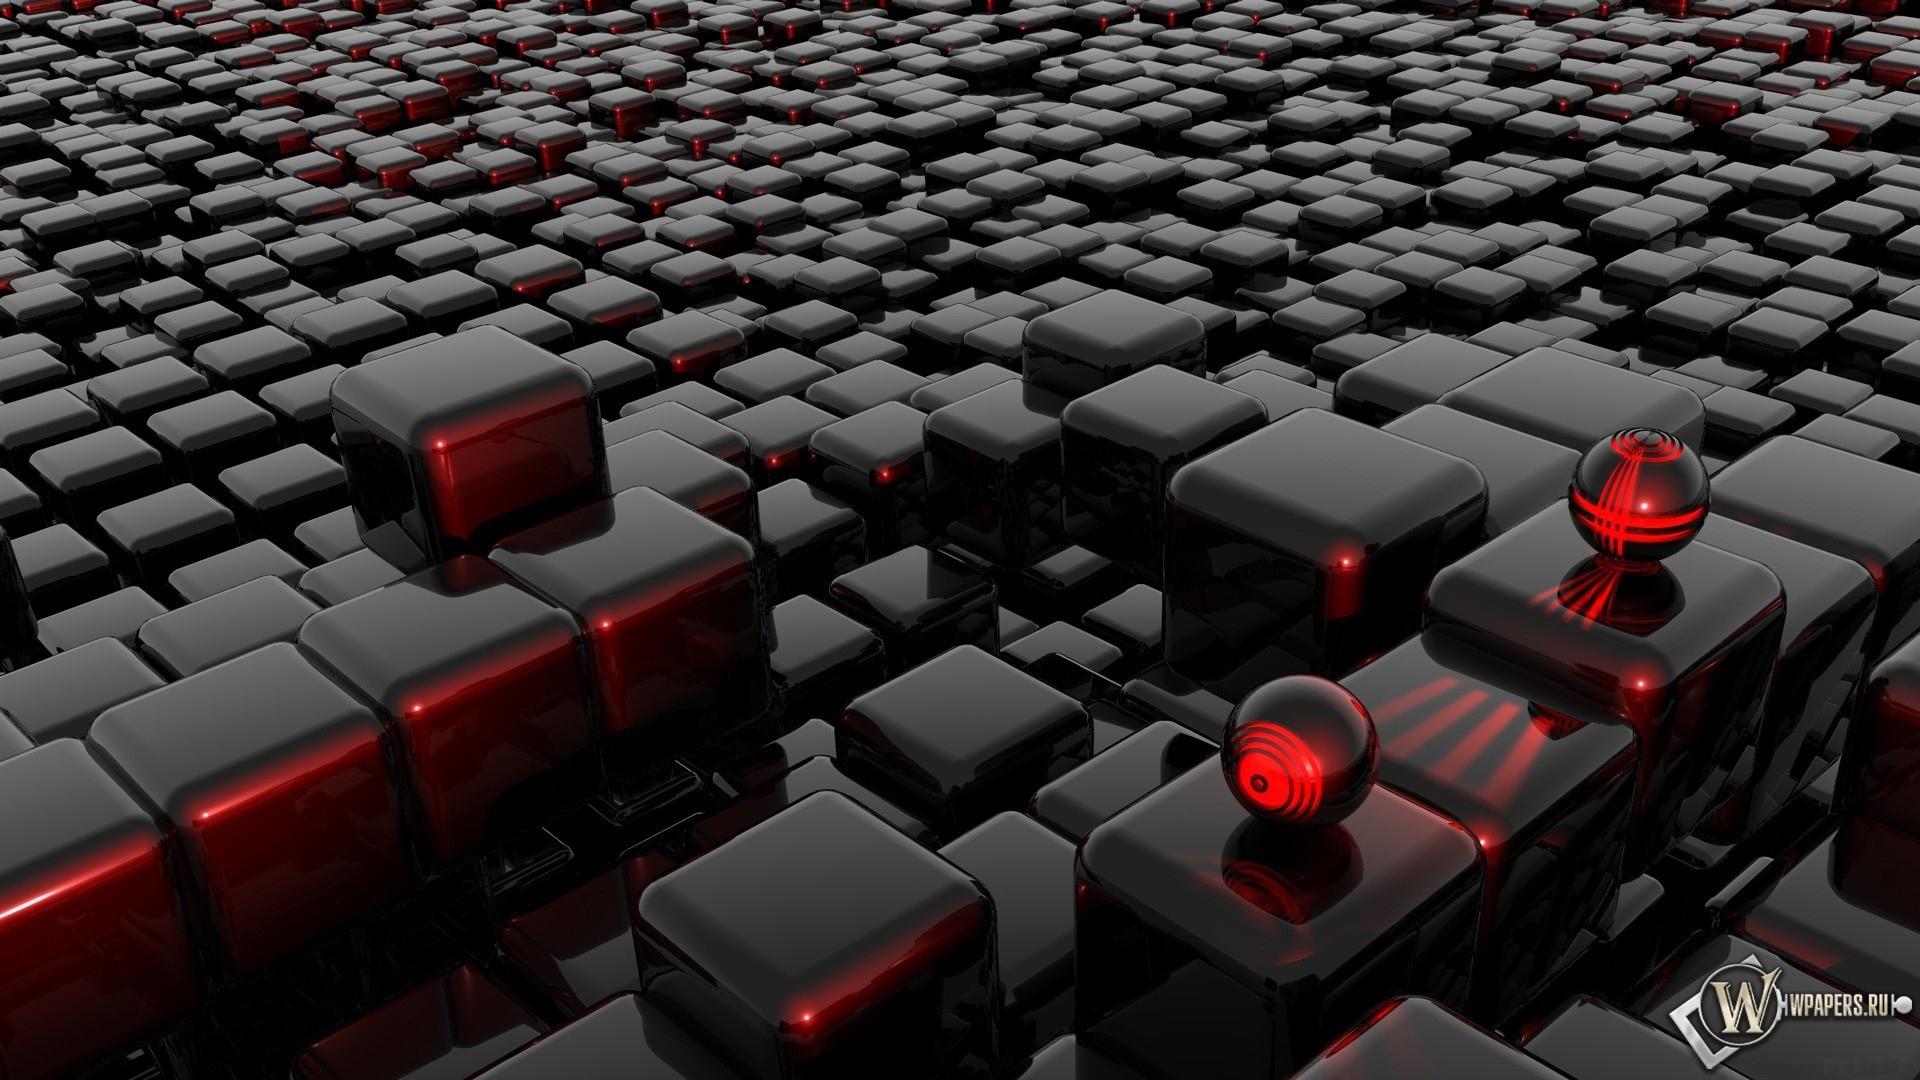 Стеклянные шарики на кубиках 3D 1920x1080